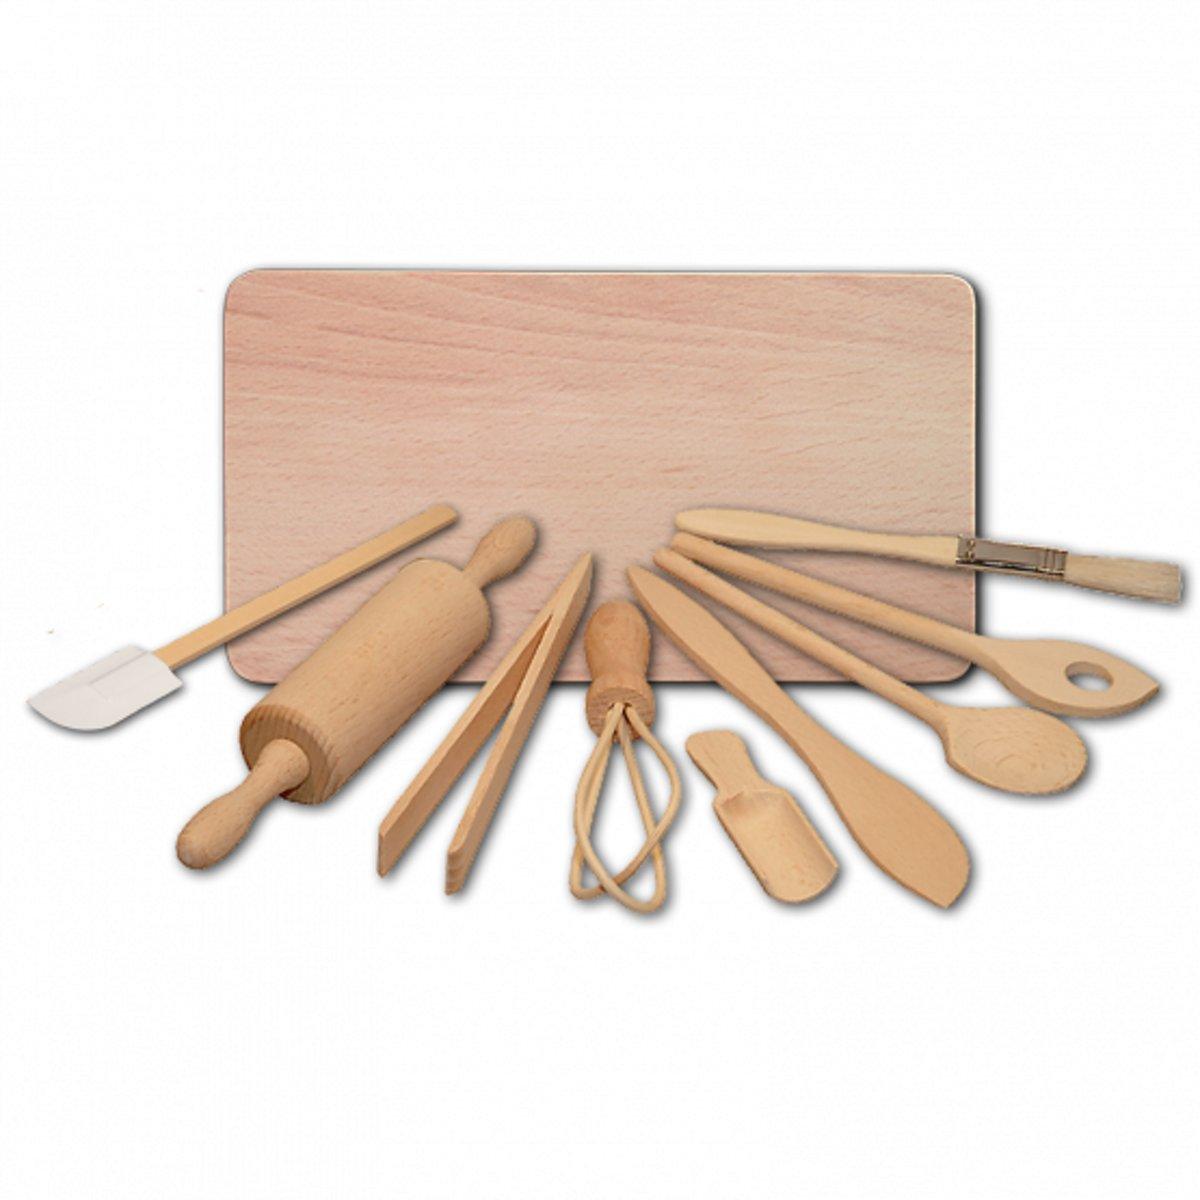 9-delige kinderkook- en bakset met snijplank kopen